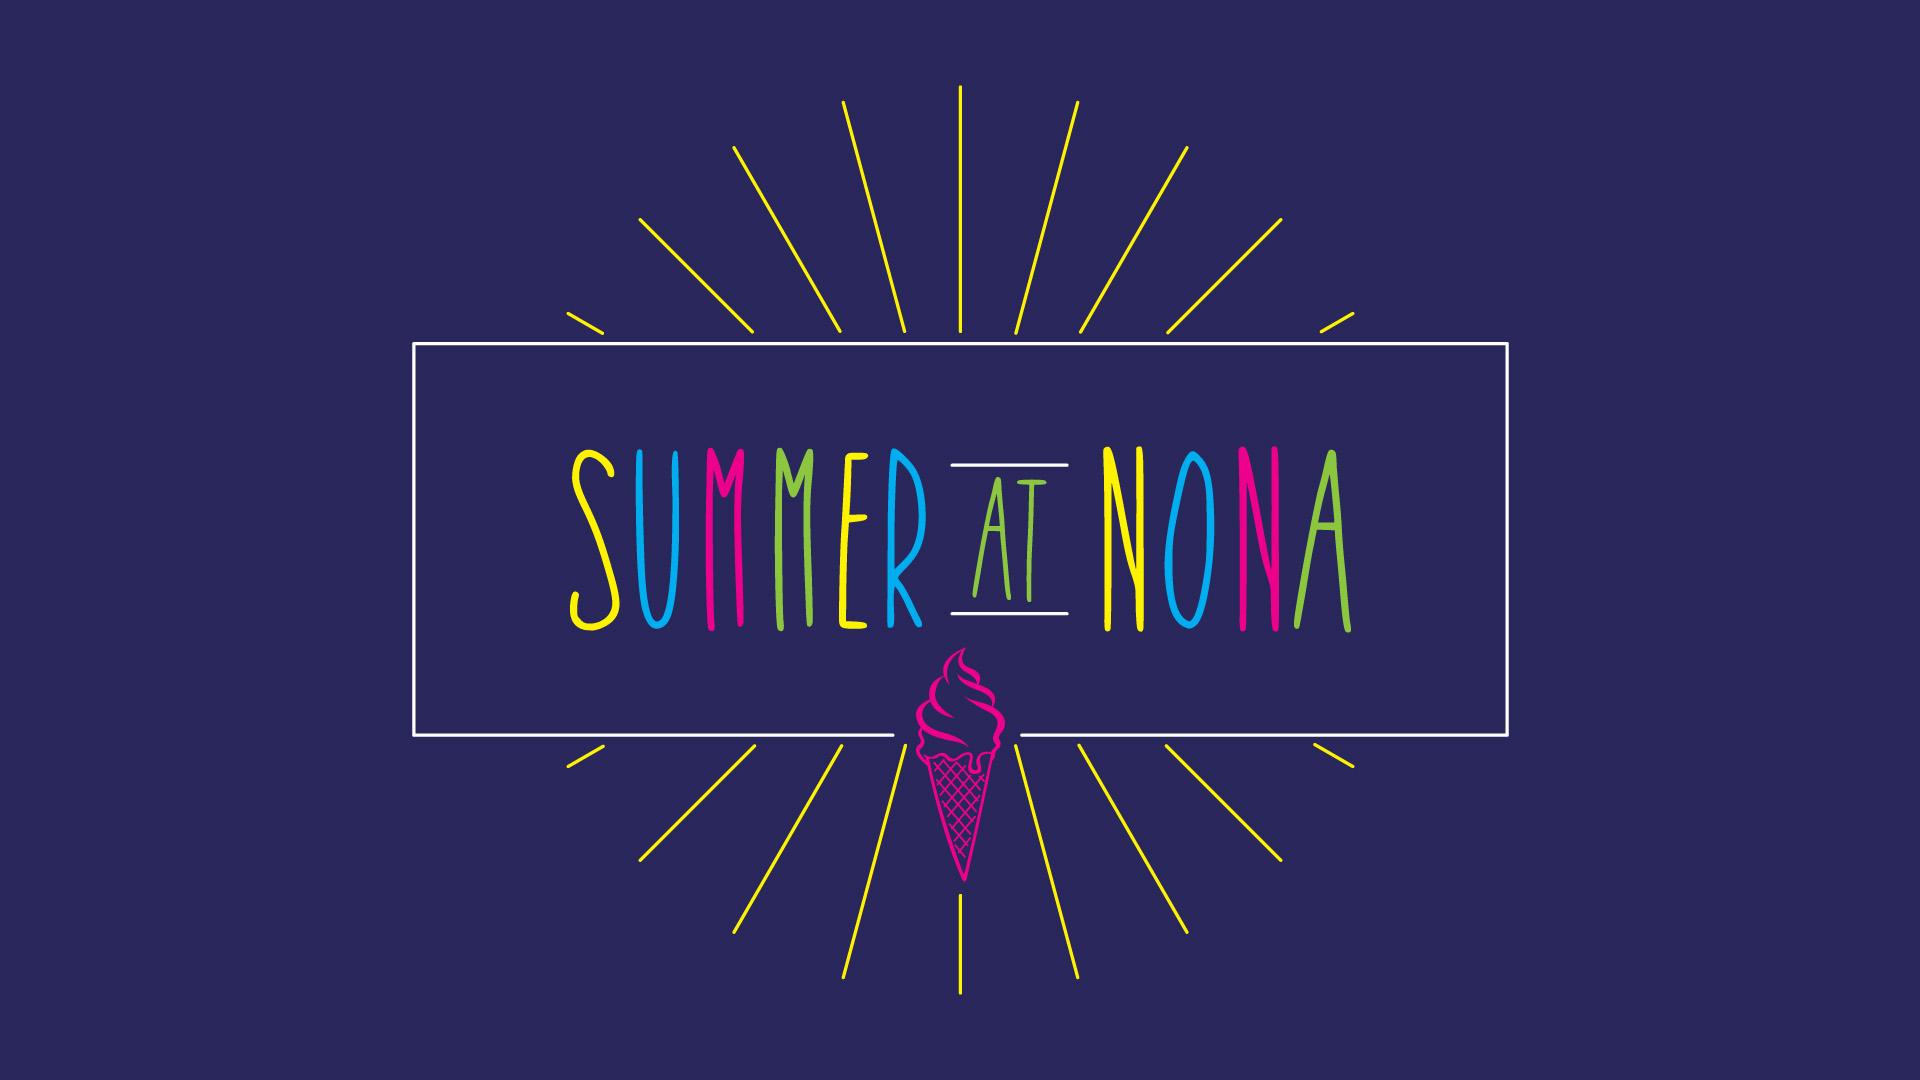 Summer_solidblue1 (1).jpg